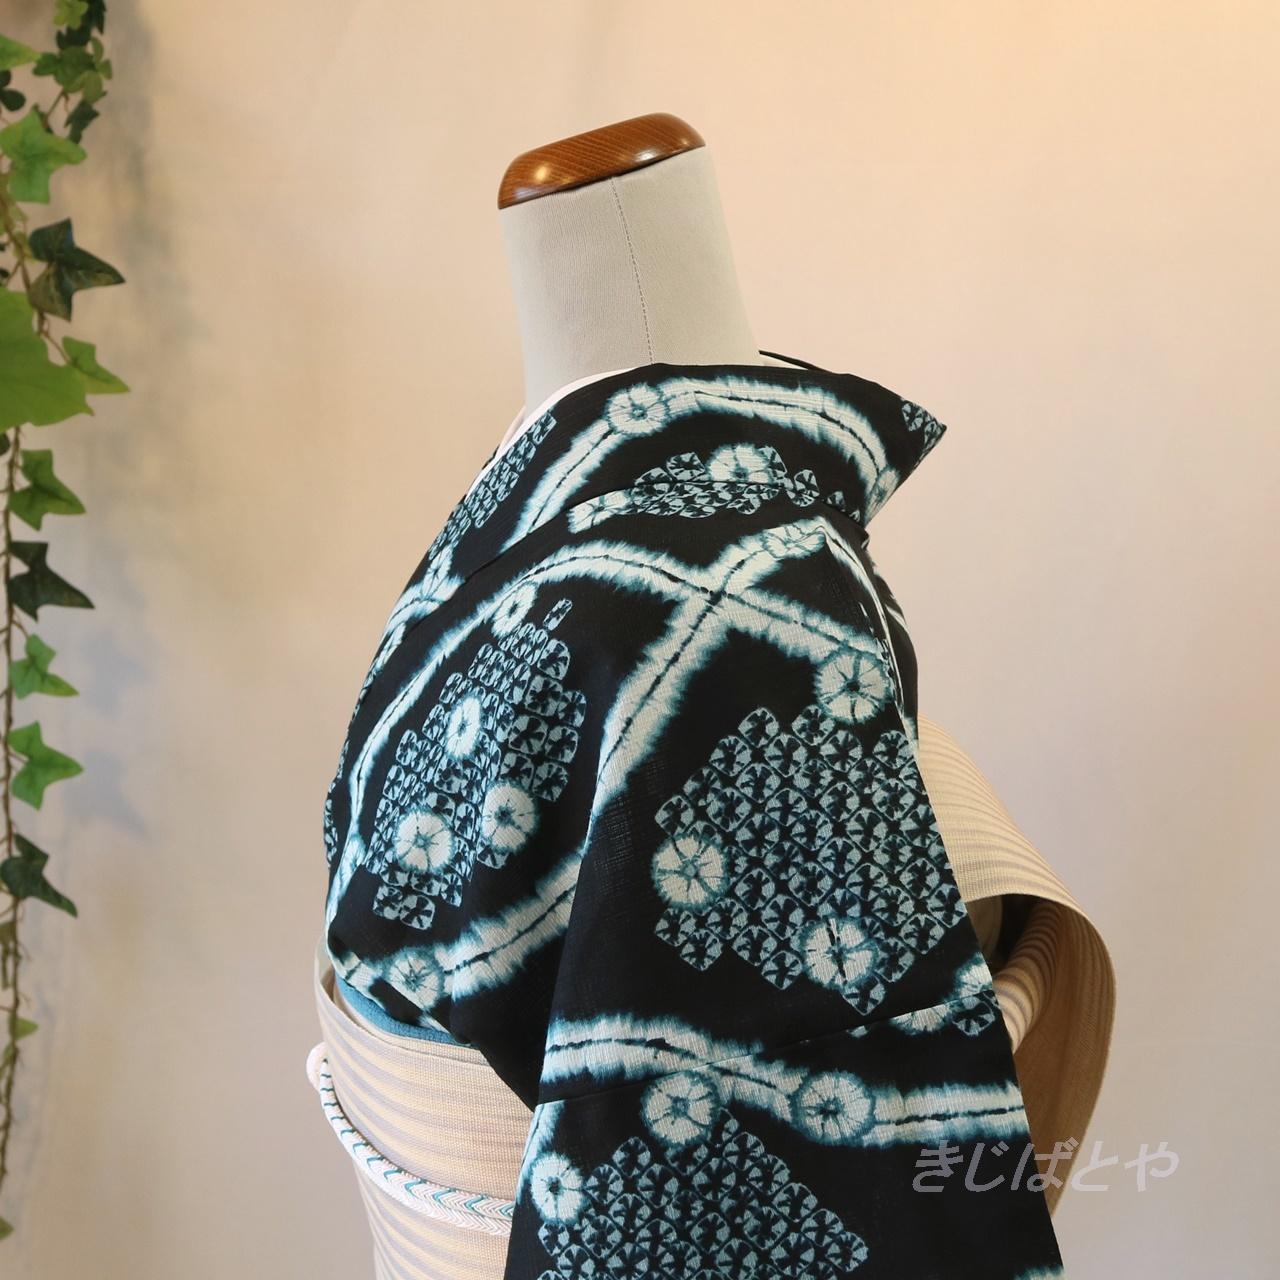 綿麻 青褐に絞り風の浴衣